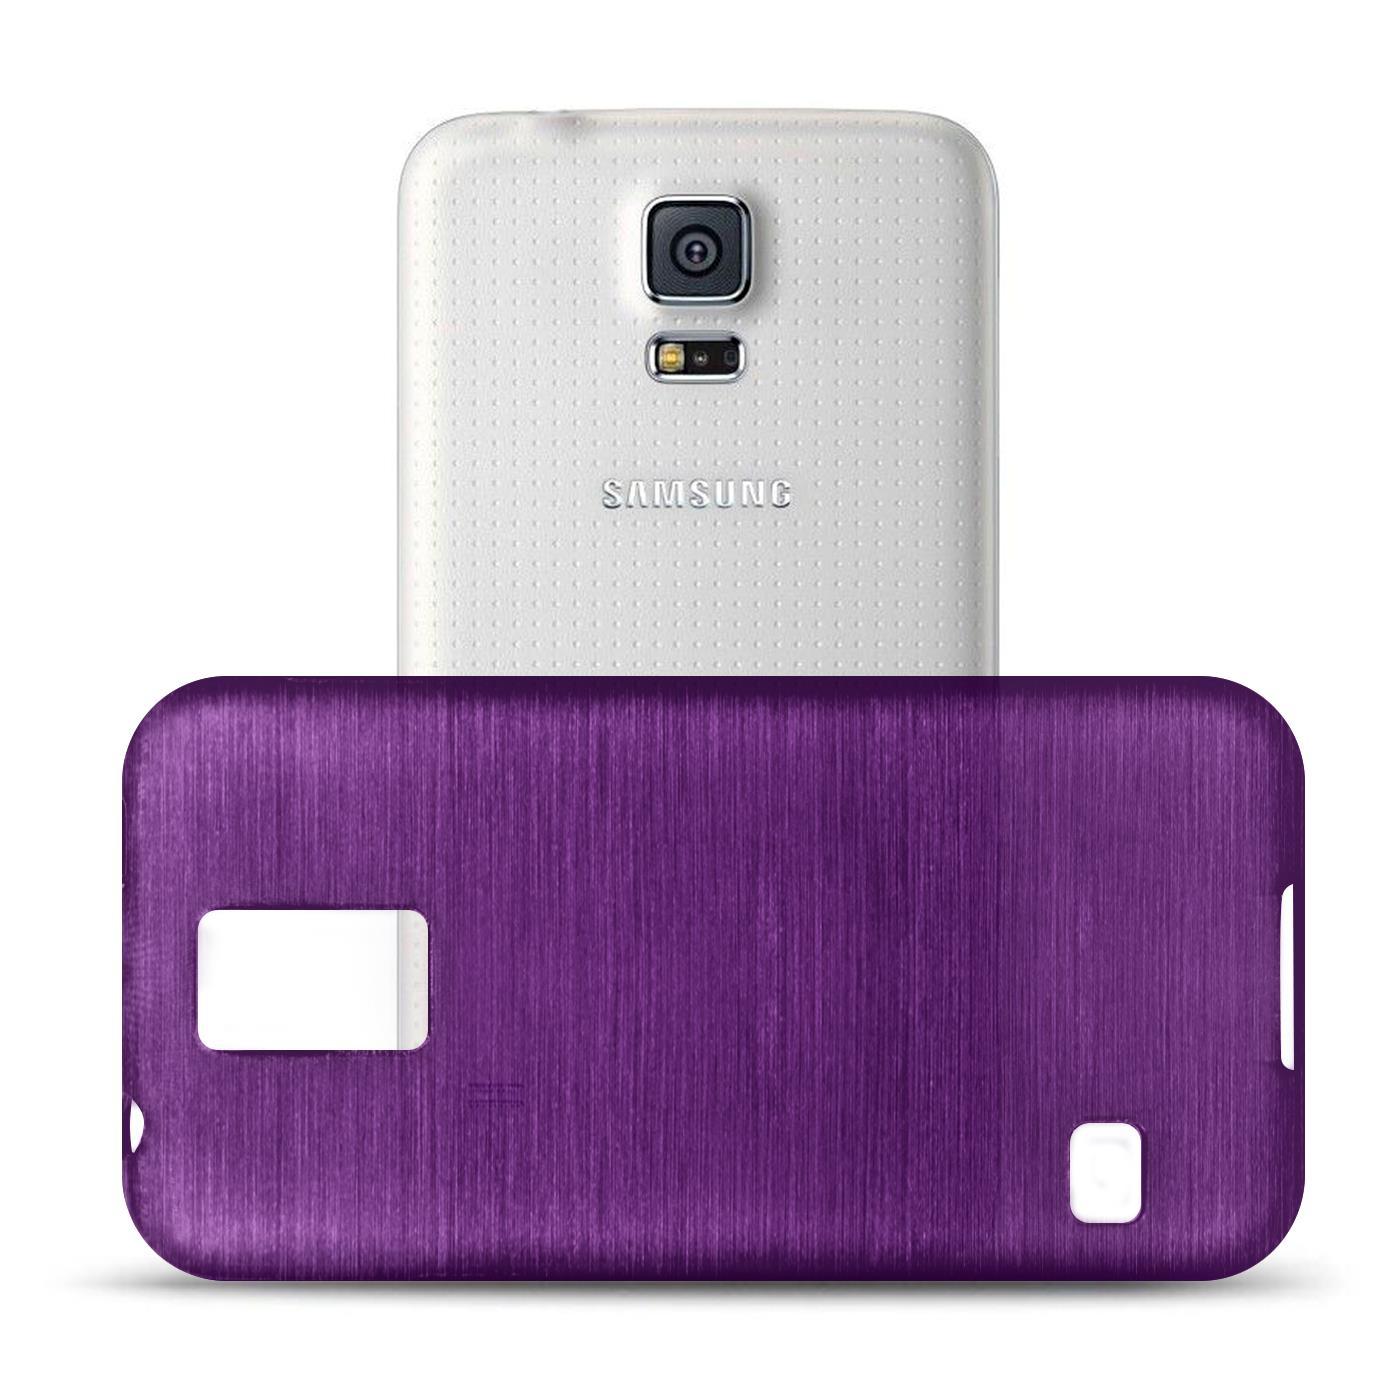 Silikon-Bumper-Case-Samsung-Galaxy-s5-Neo-duenne-ultra-slim-Stossfeste-Rueckschale Indexbild 28